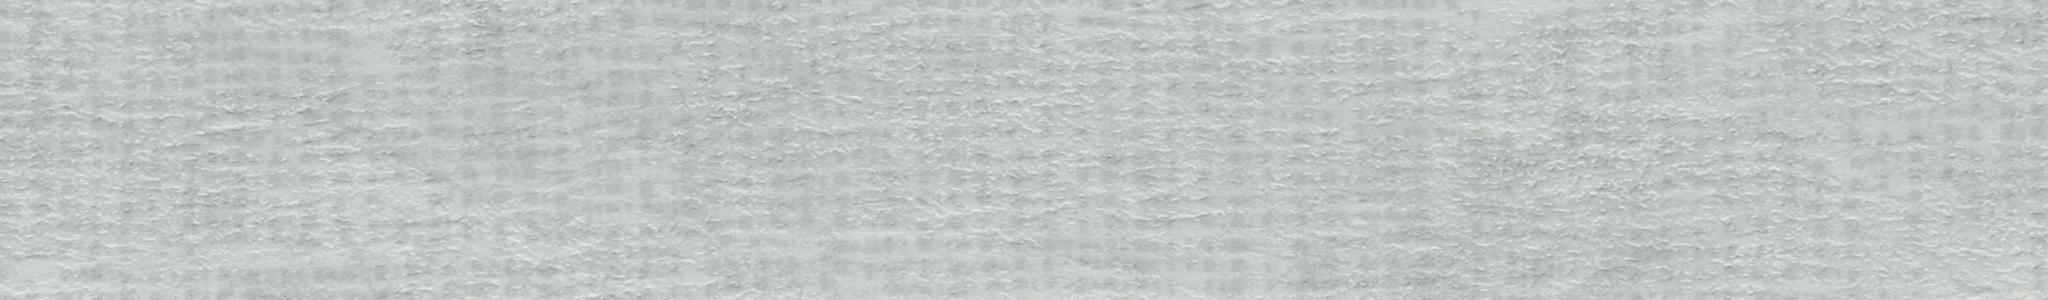 HD 292297 ABS hrana hybrid šedý softmat